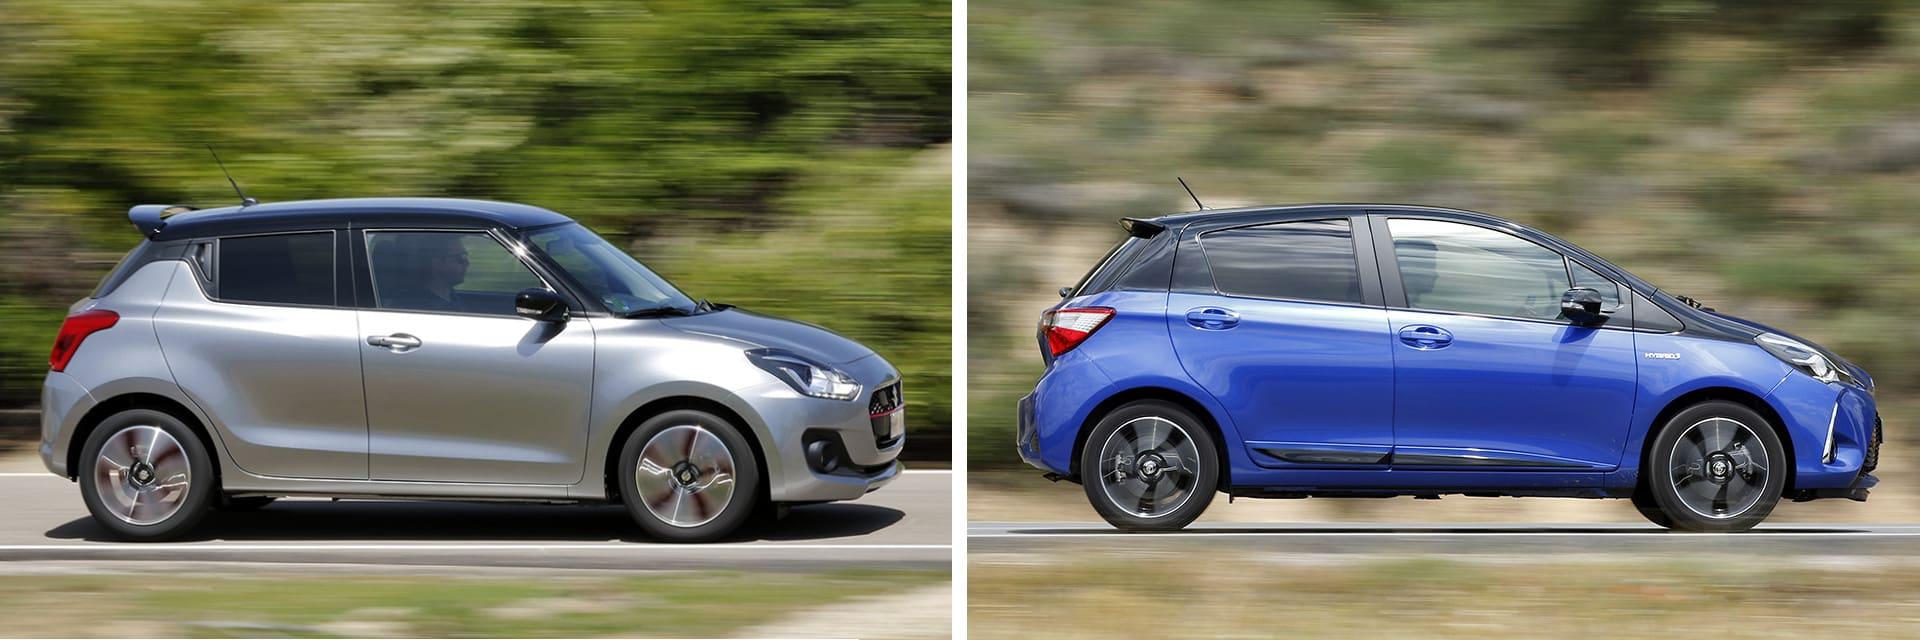 Ni el Suzuki Swift 1.0 GLX SHVS (izq.) ni el Toyota Yaris 100H Feel! (dcha.) son vehículos ideales para circular fuera de ciudad.